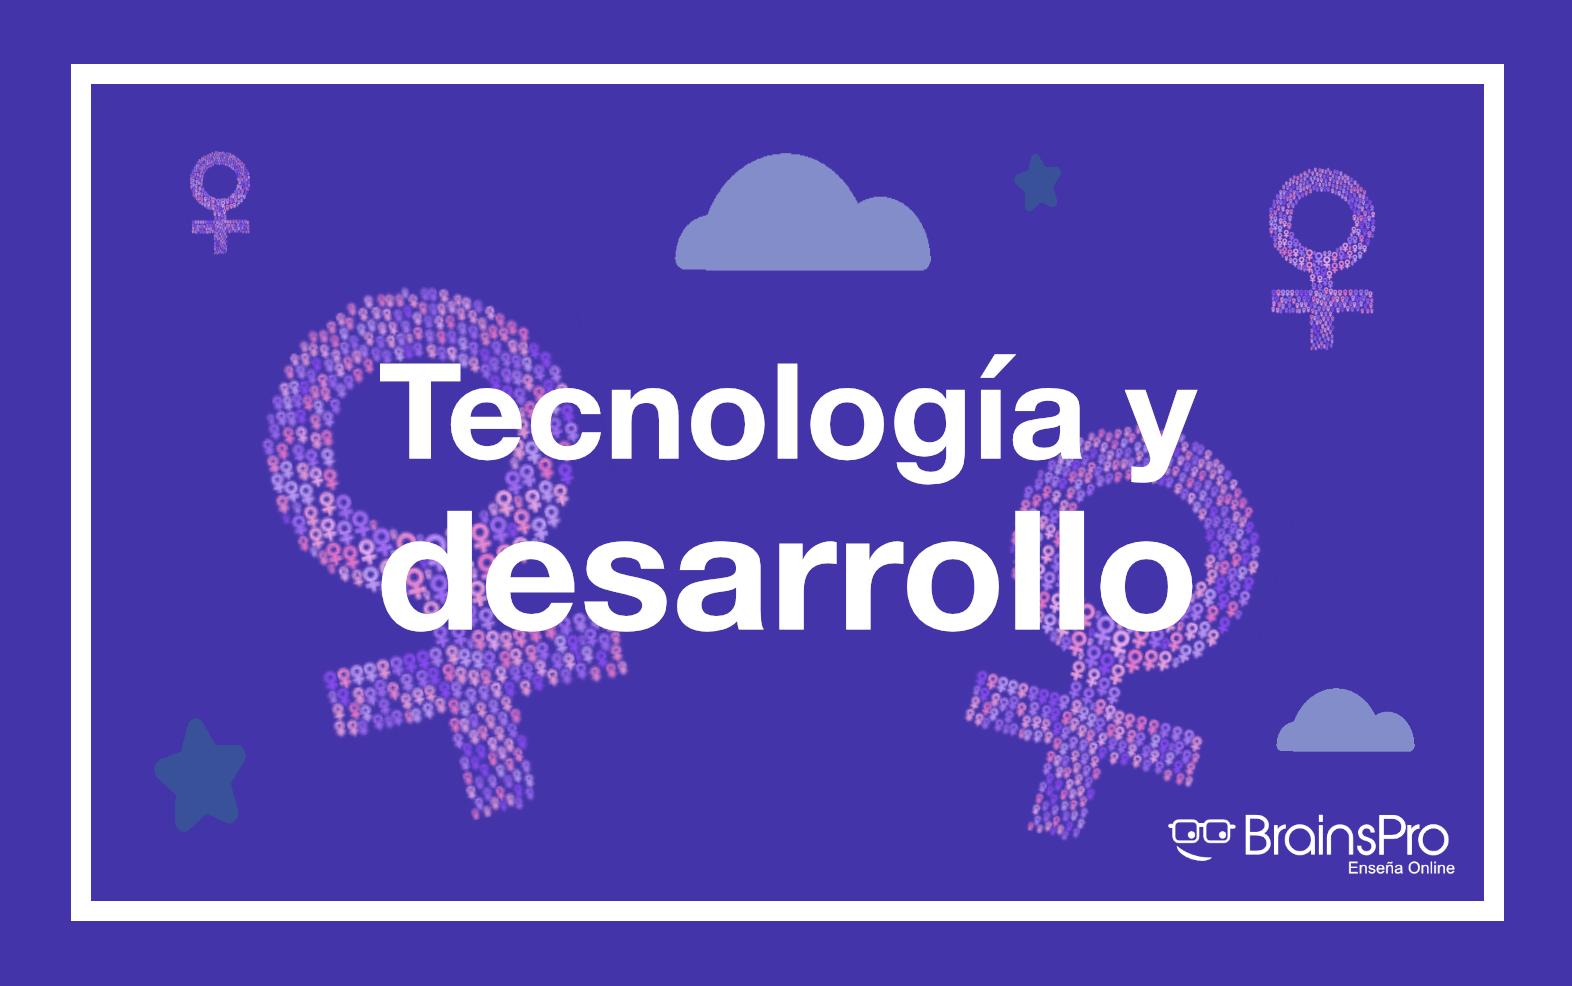 Brainspro - Tecnología y desarrollo